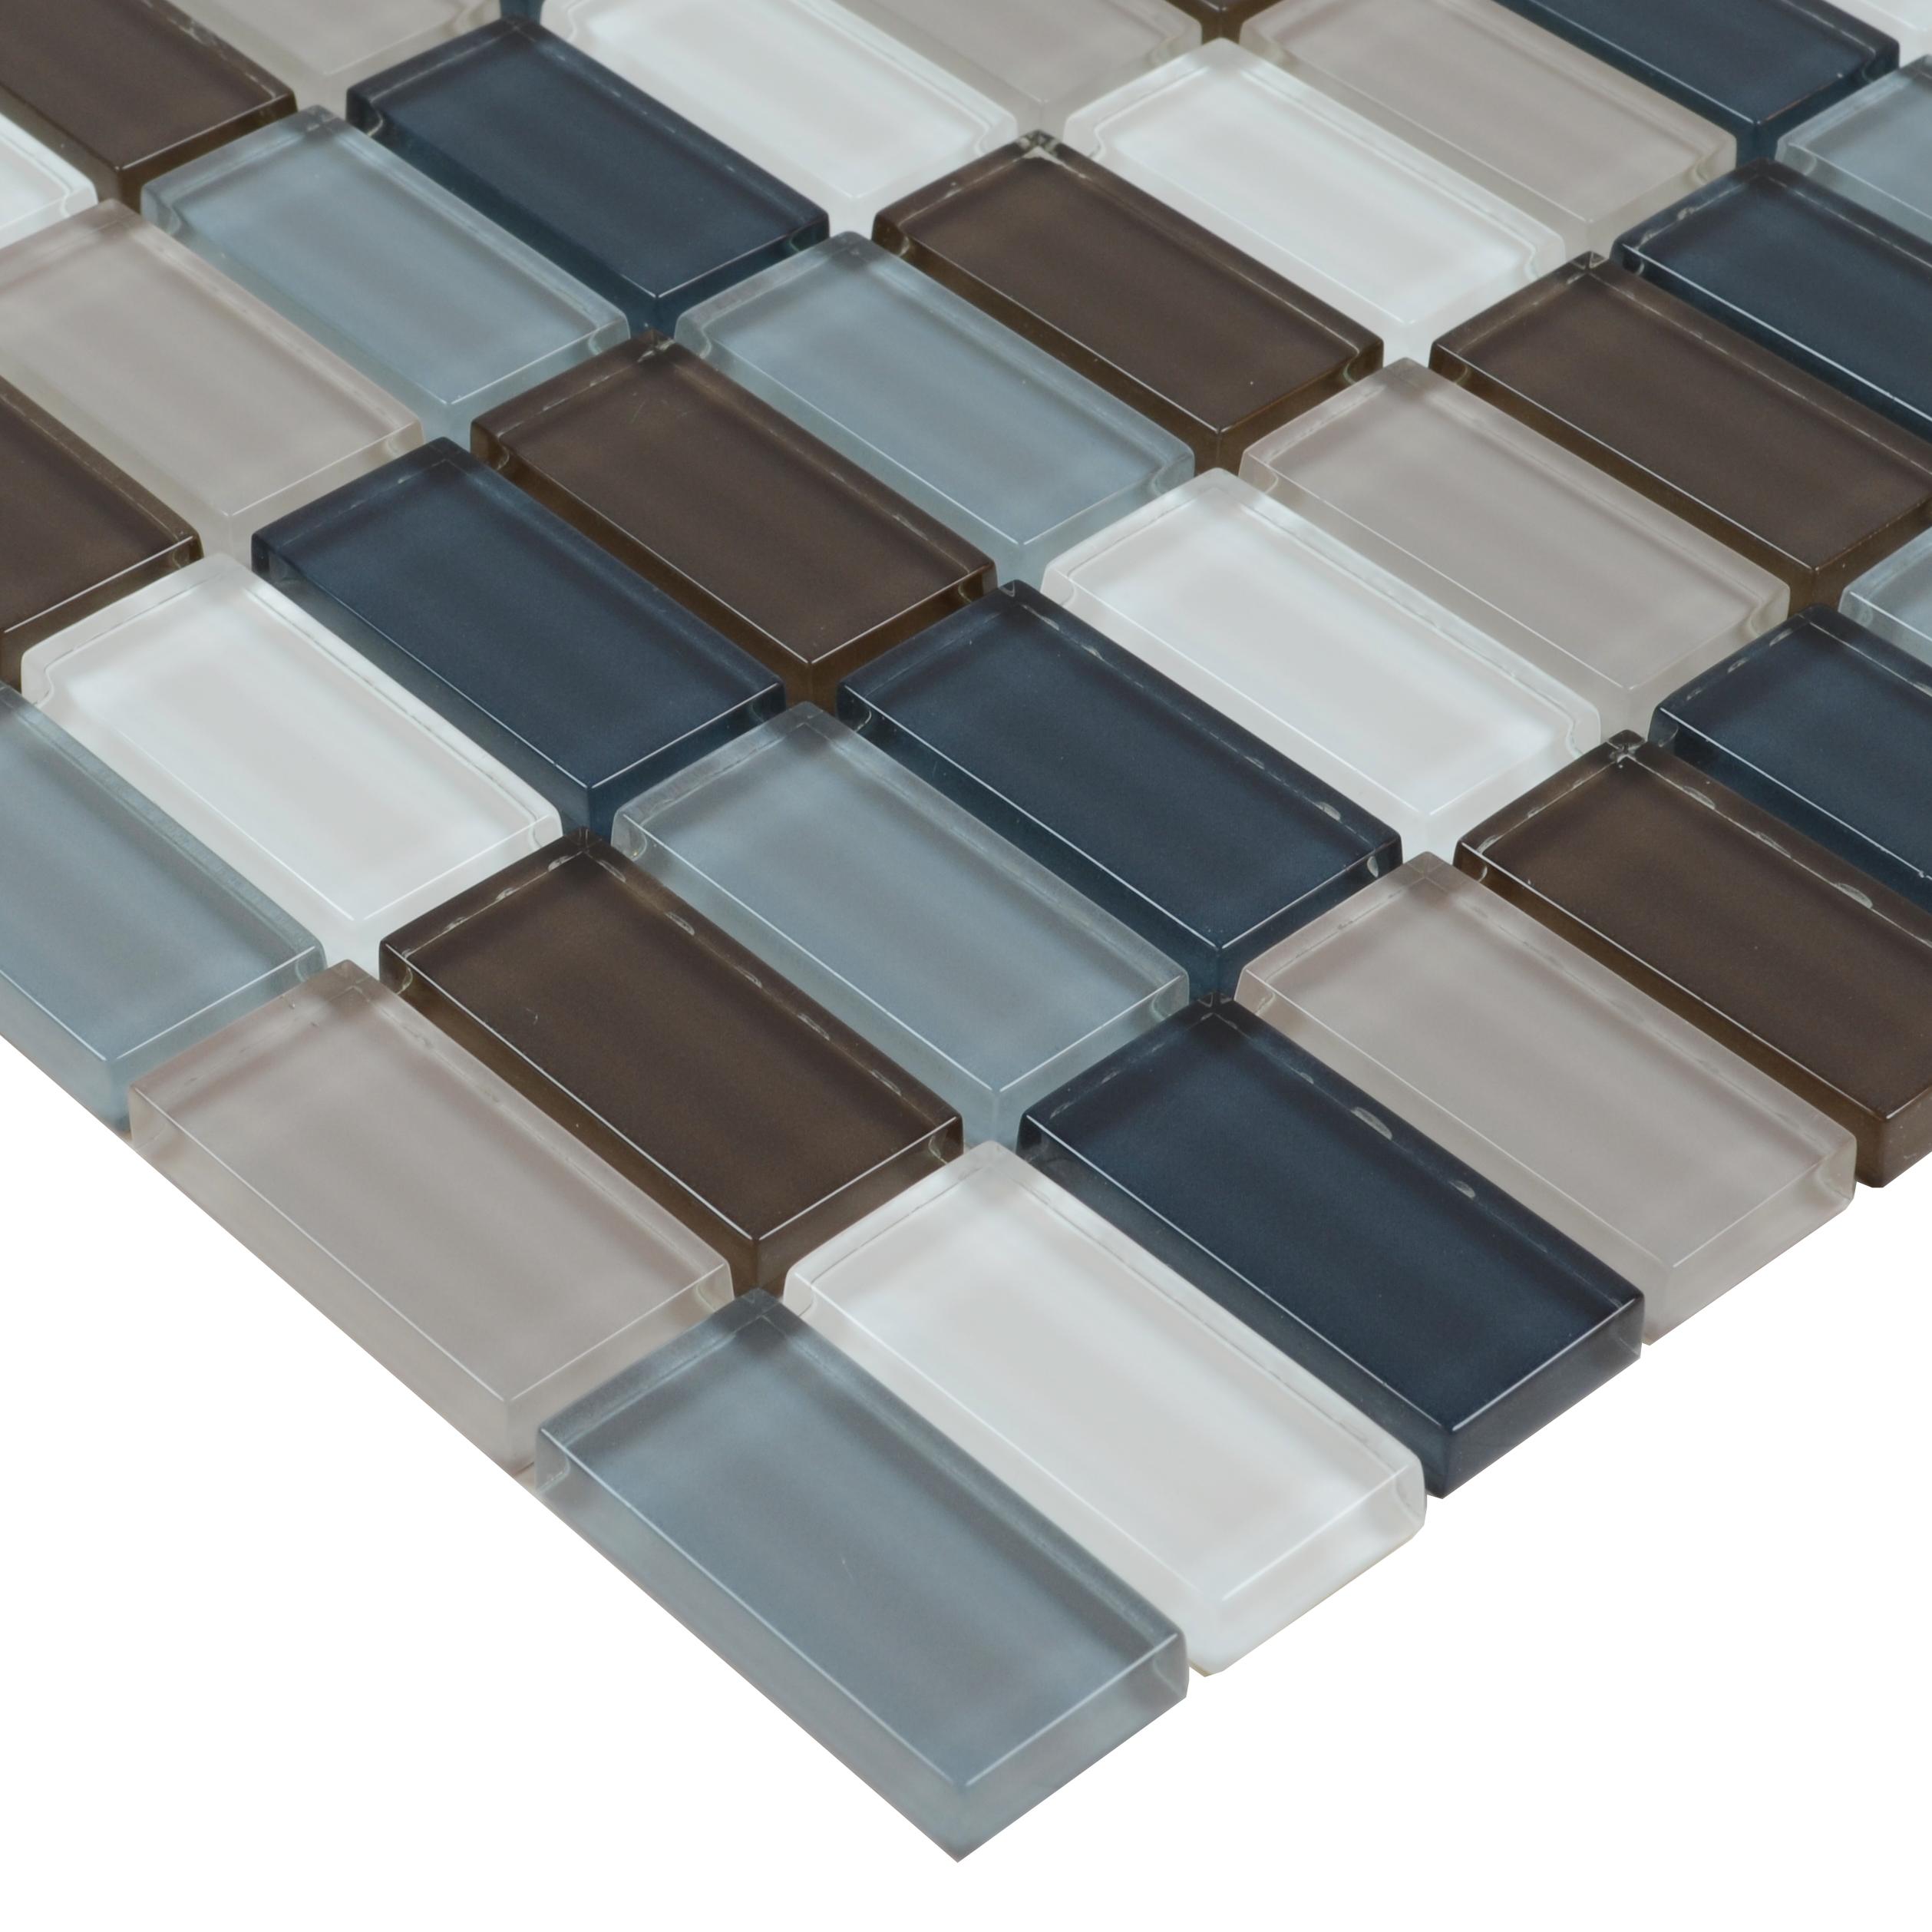 Backsplash Tile Sheets: Crystal Glass Tile Uniform Brack Kitchen Backsplash Tiles